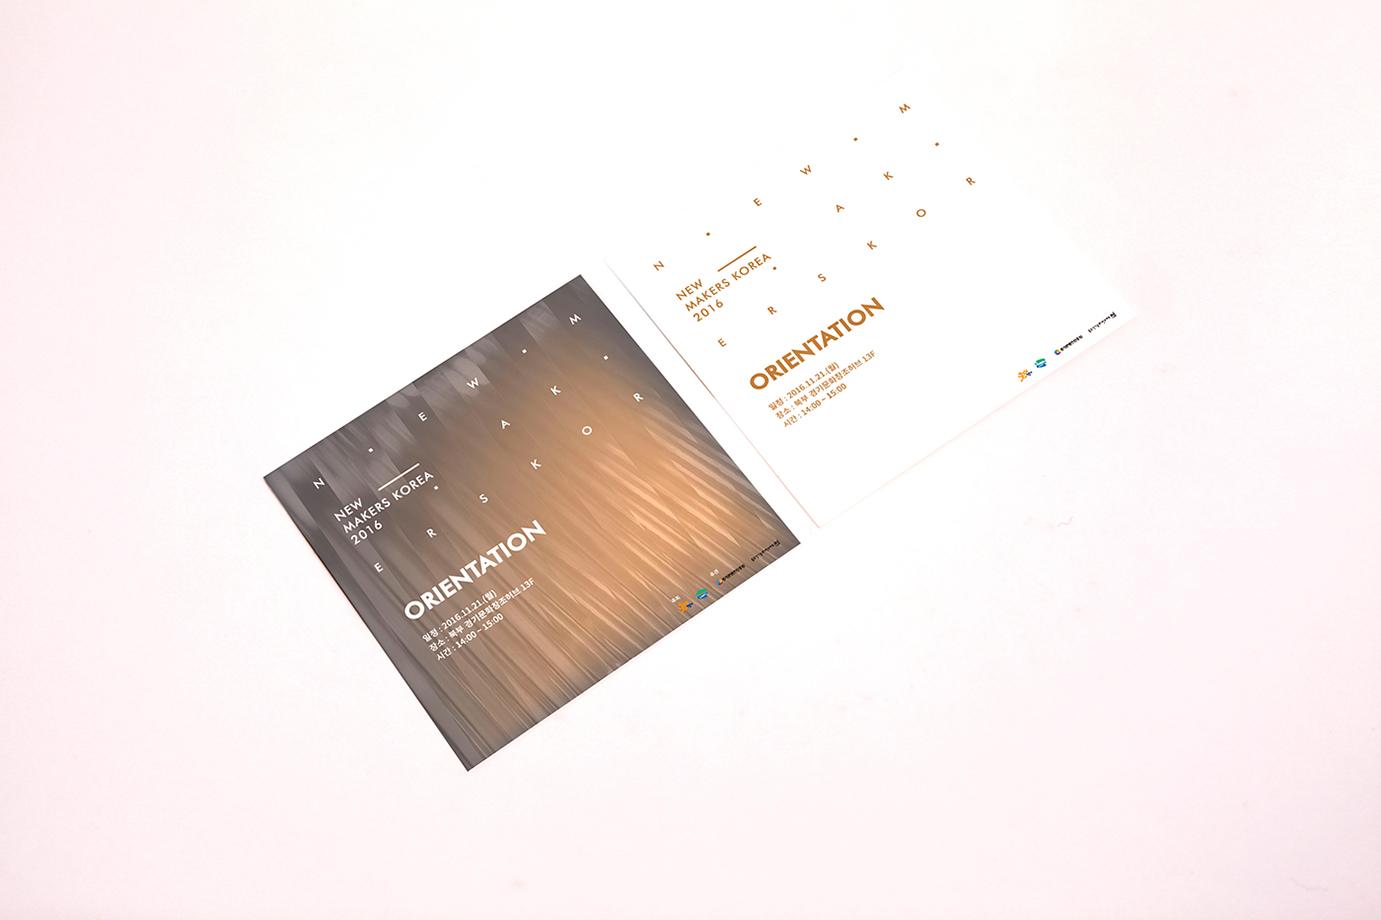 韓國新制造2016品牌與藝術方向展視覺形象設計欣賞-深圳VI設計19